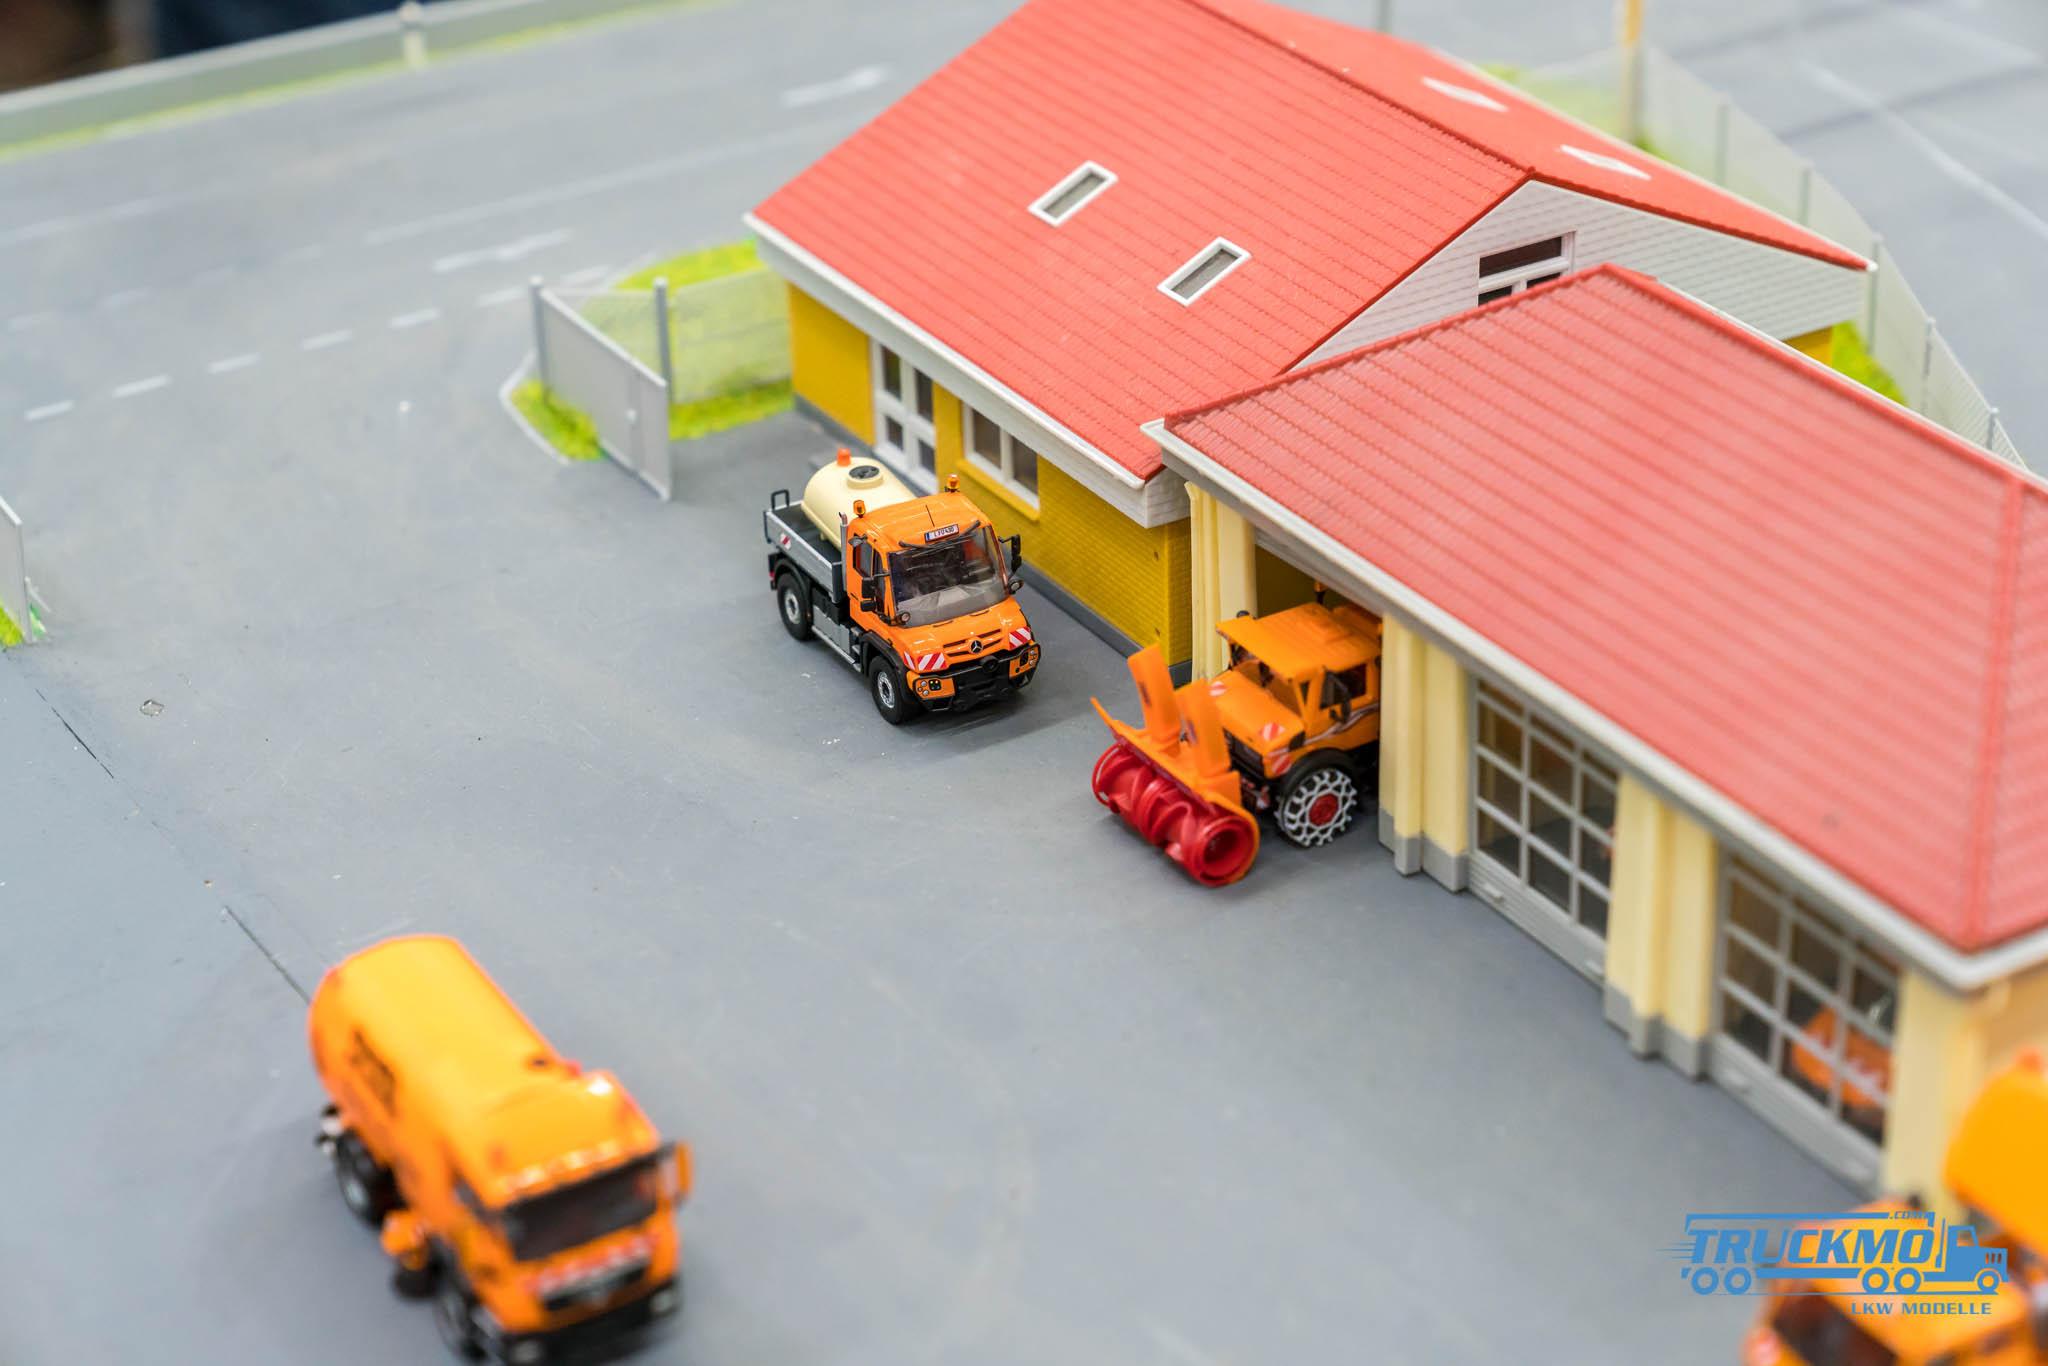 Truckmo_Modellbau_Ried_2017_Herpa_Messe_Modellbauausstellung (148 von 1177)